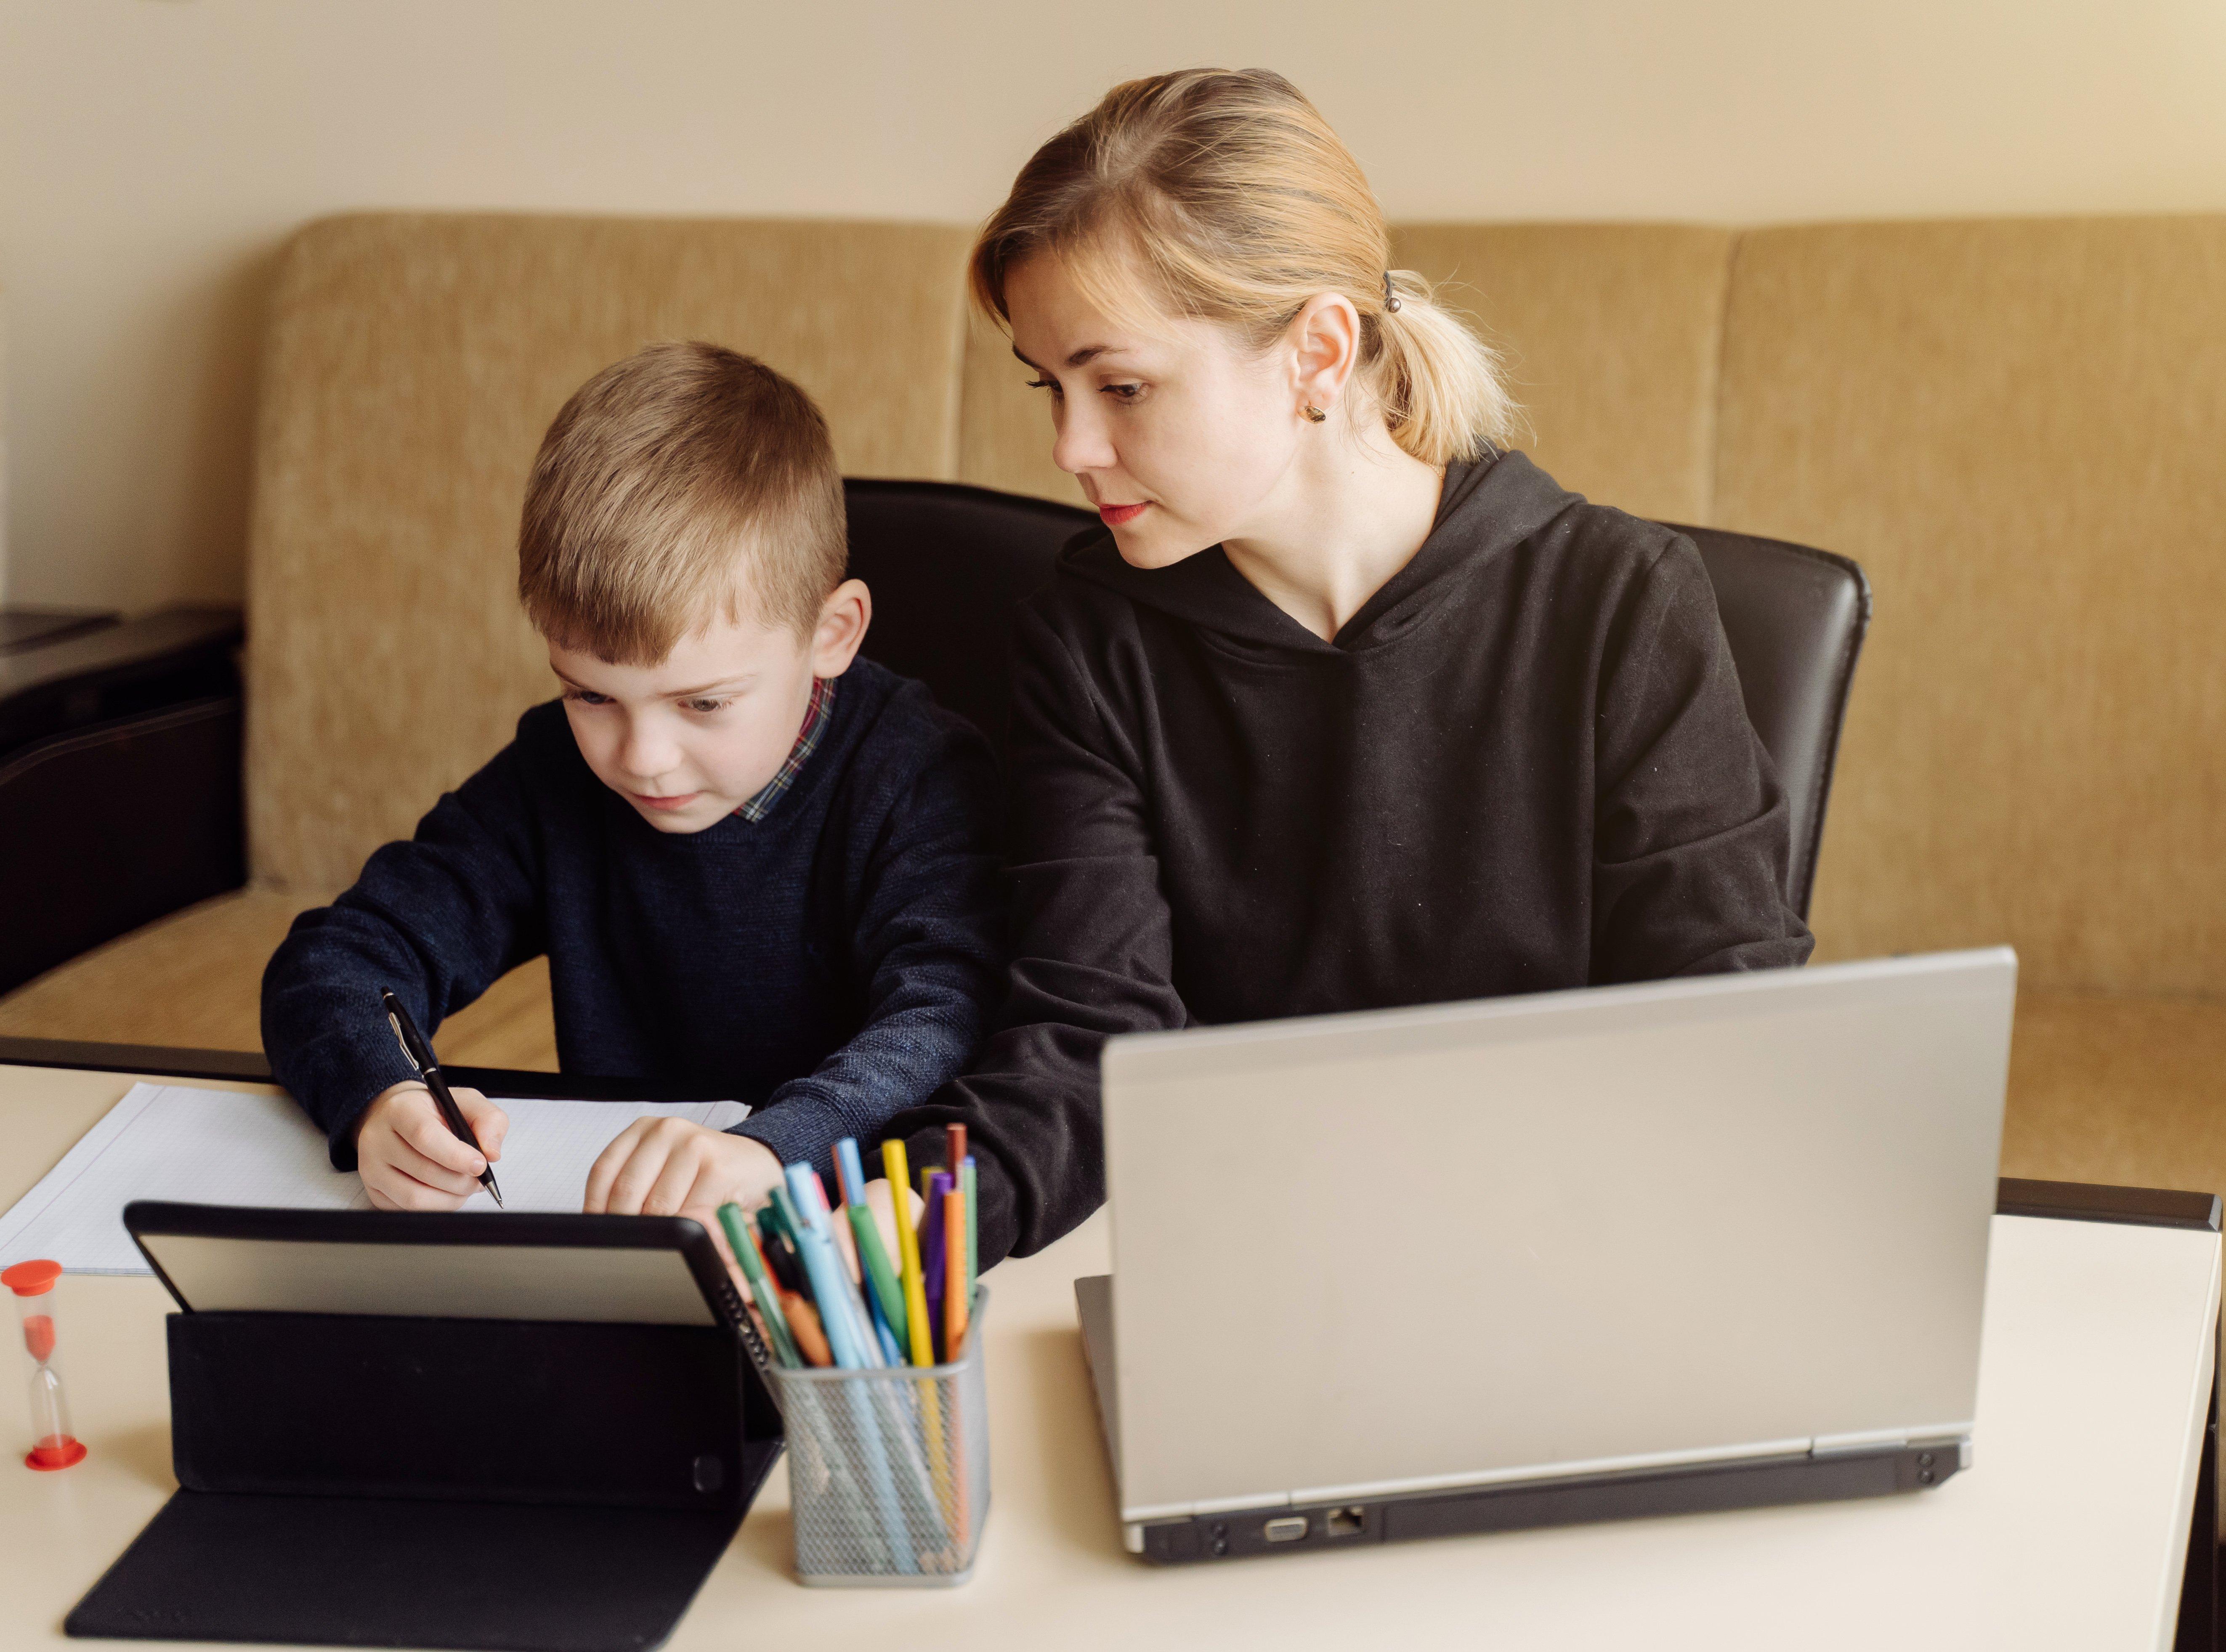 Como-generar-un-ambiente-ideal-en-el-hogar-para-la-educacion-online